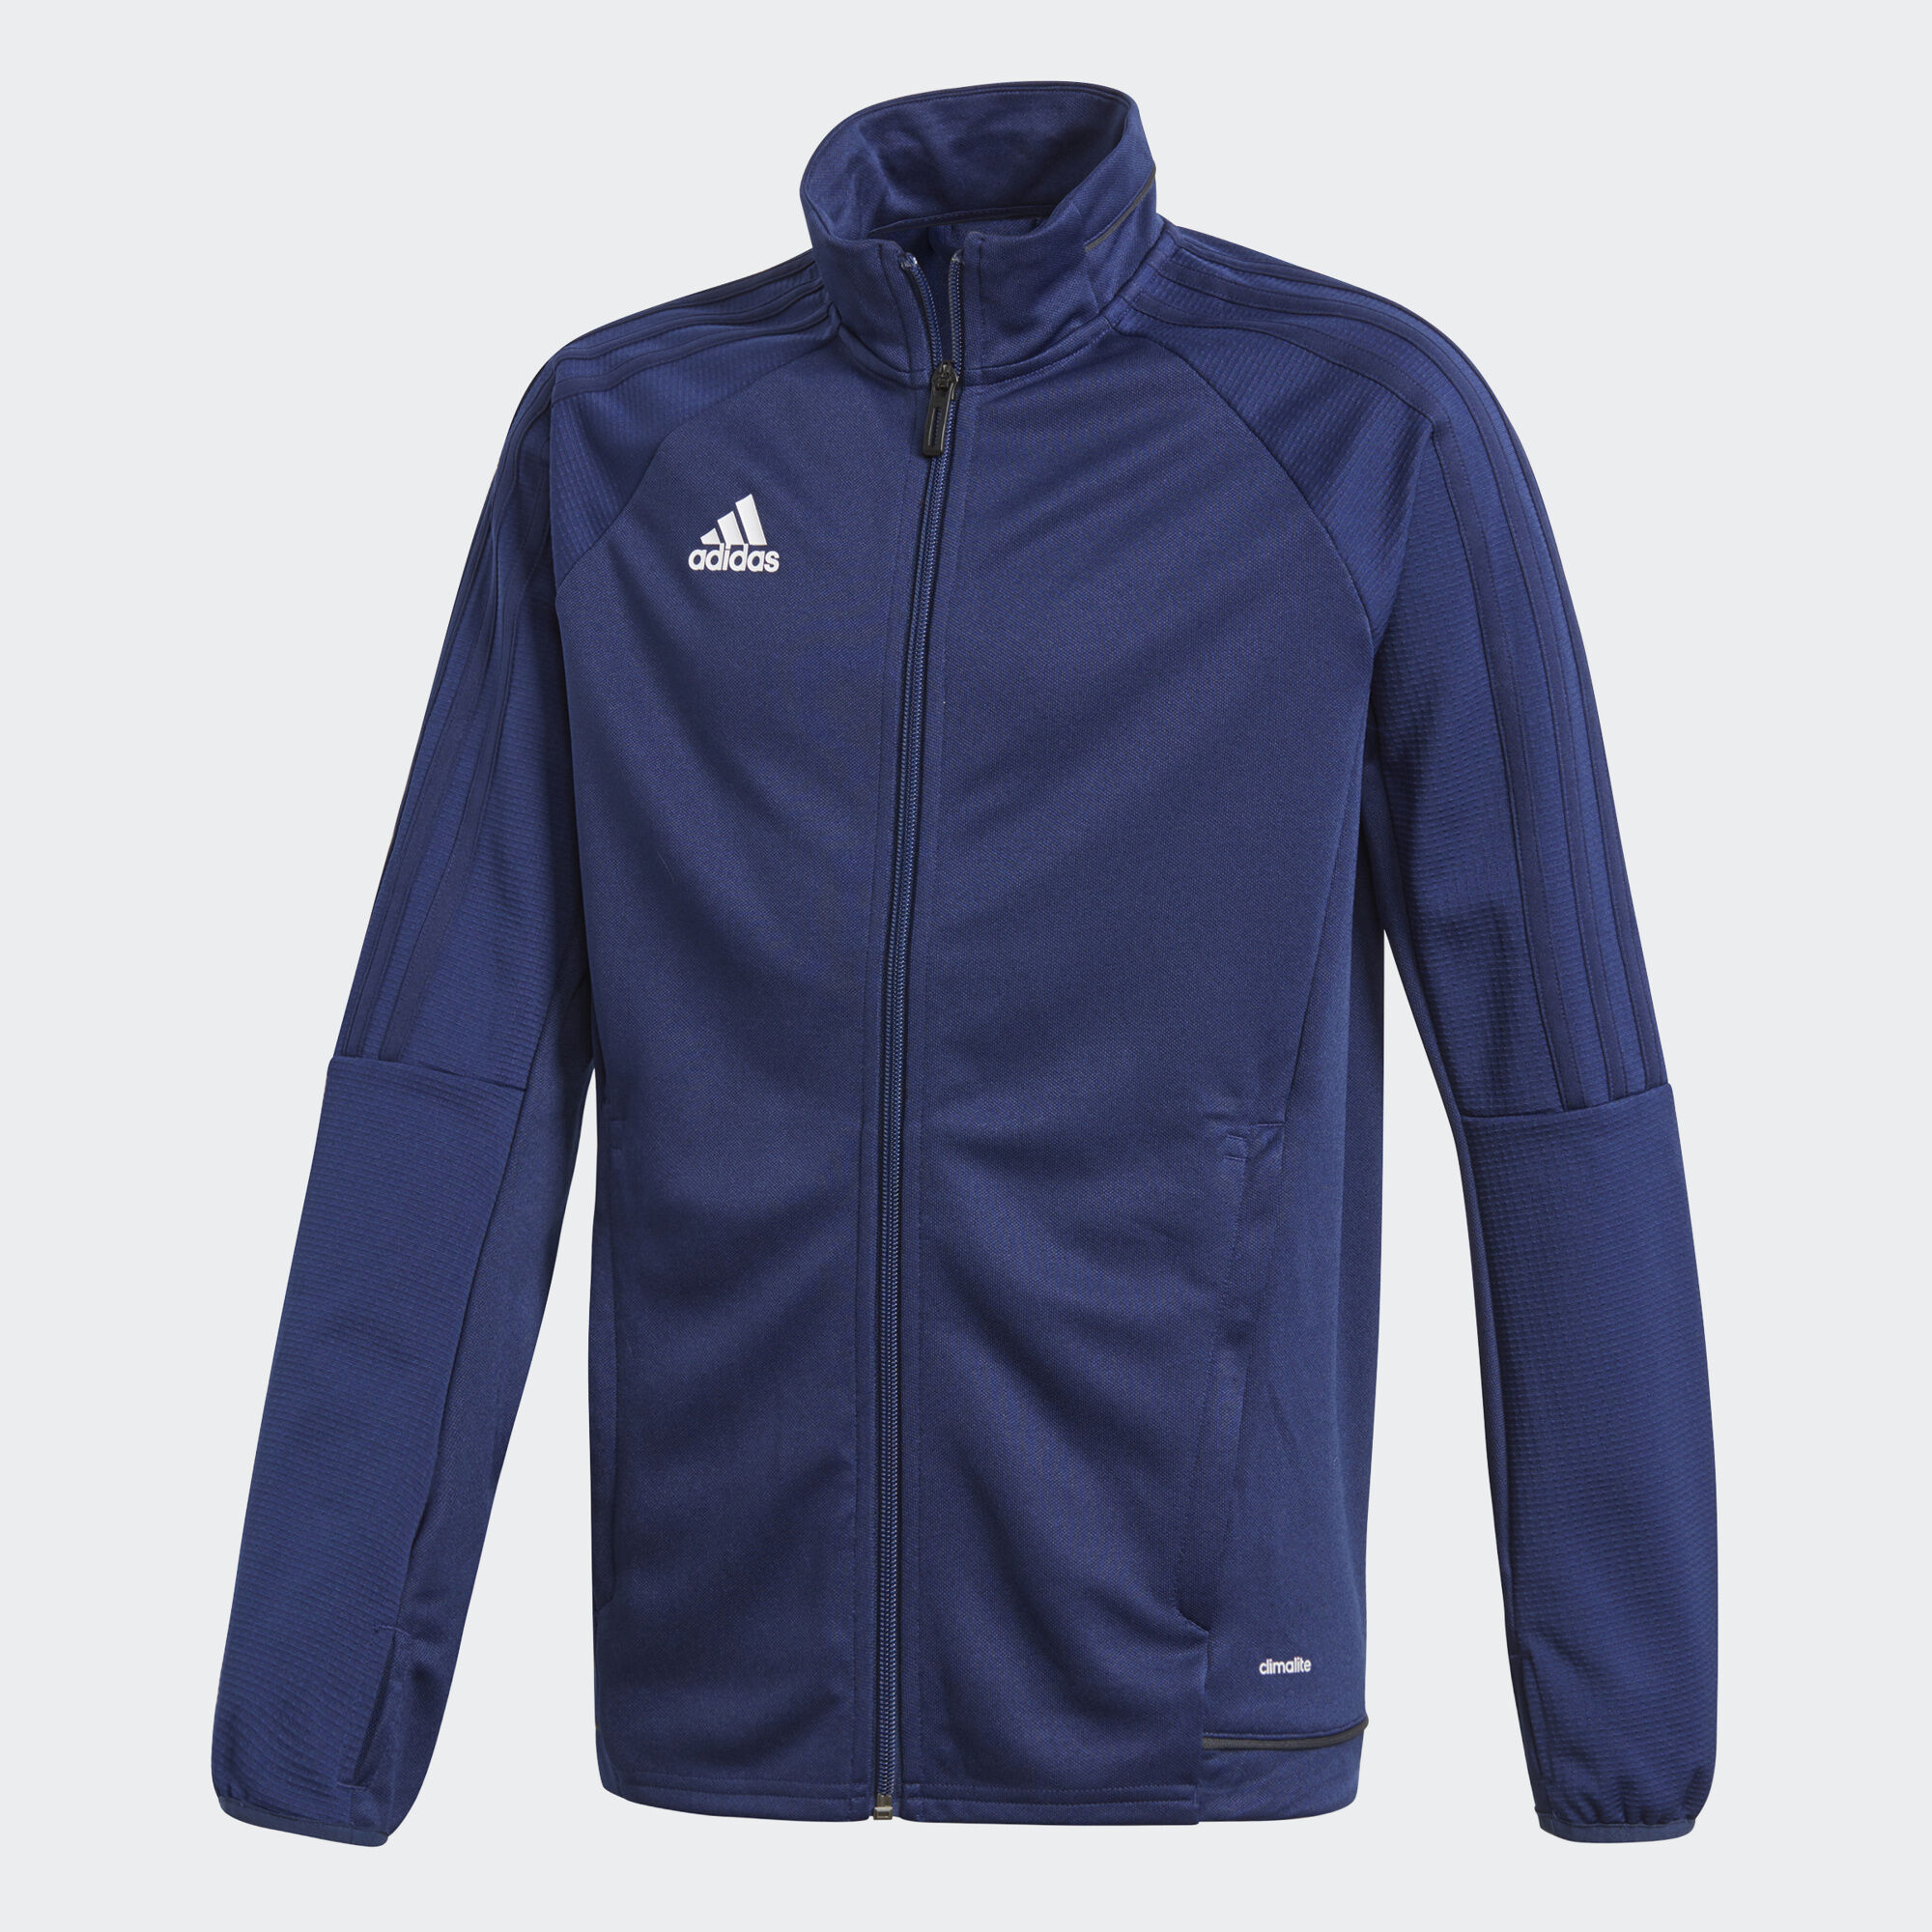 adidas youth soccer training jacket